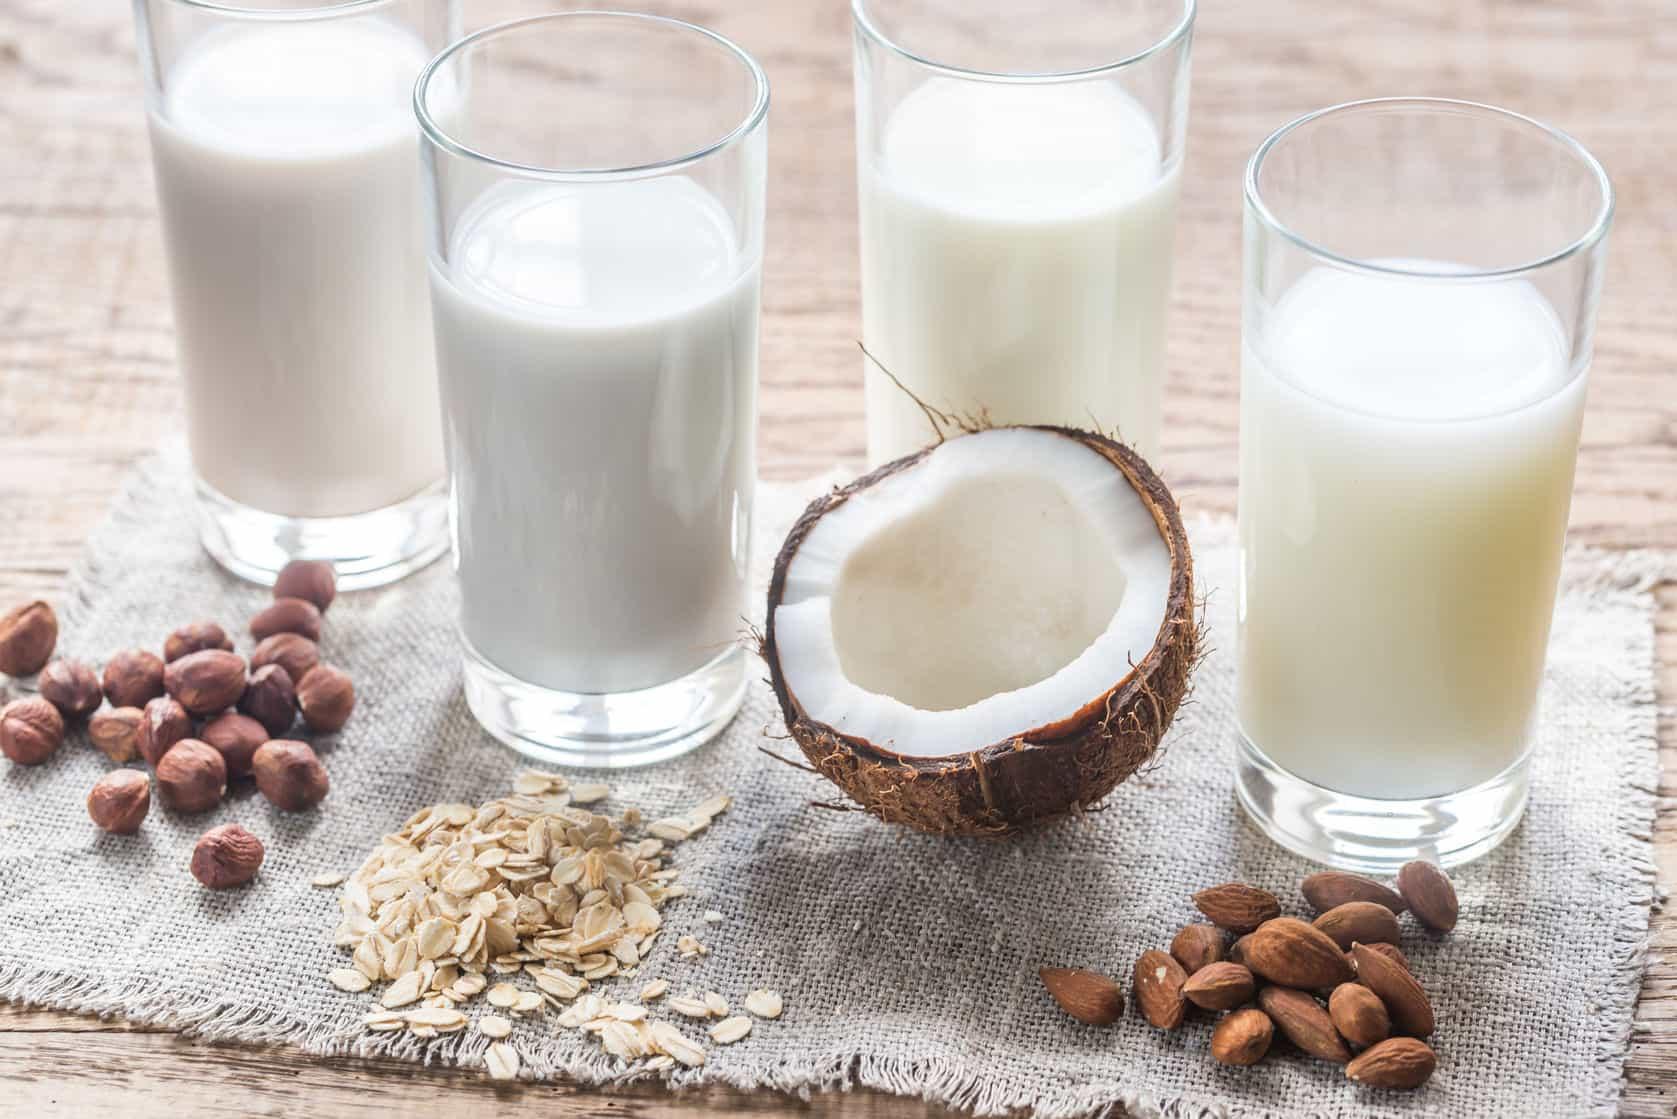 vitamin D benefits - vitamin D rich foods - non dairy milk